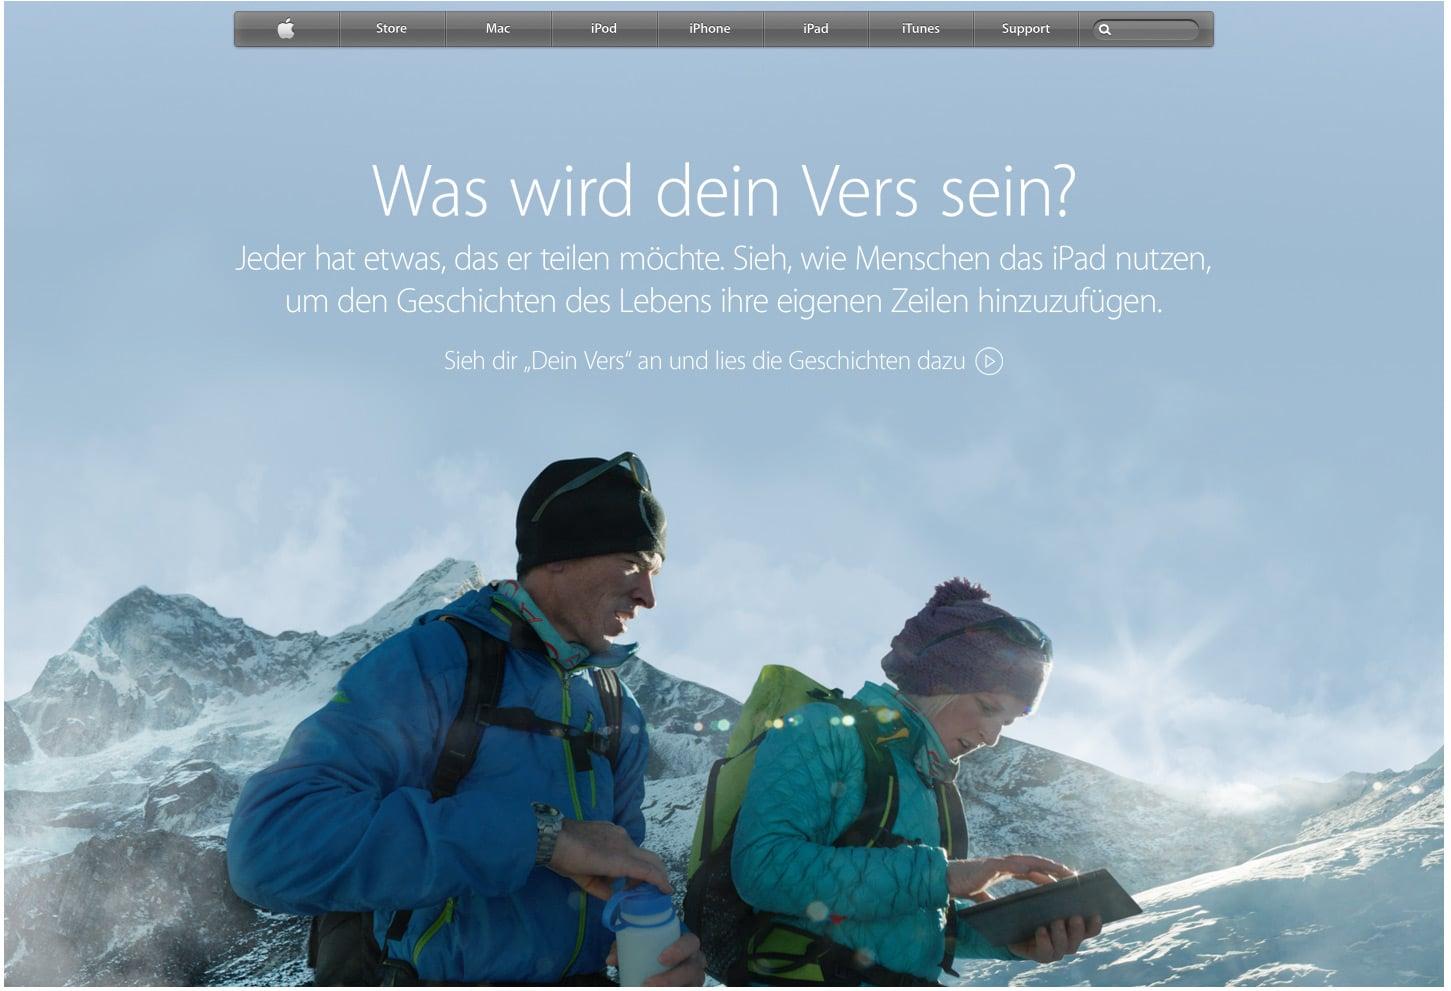 Storytelling: Was wird dein Vers sein? von Apple - Der Aufruf zum Storytelling schlechthin, der Konsument schreibt die Geschichte durch Interaktion mit dem Anbieter